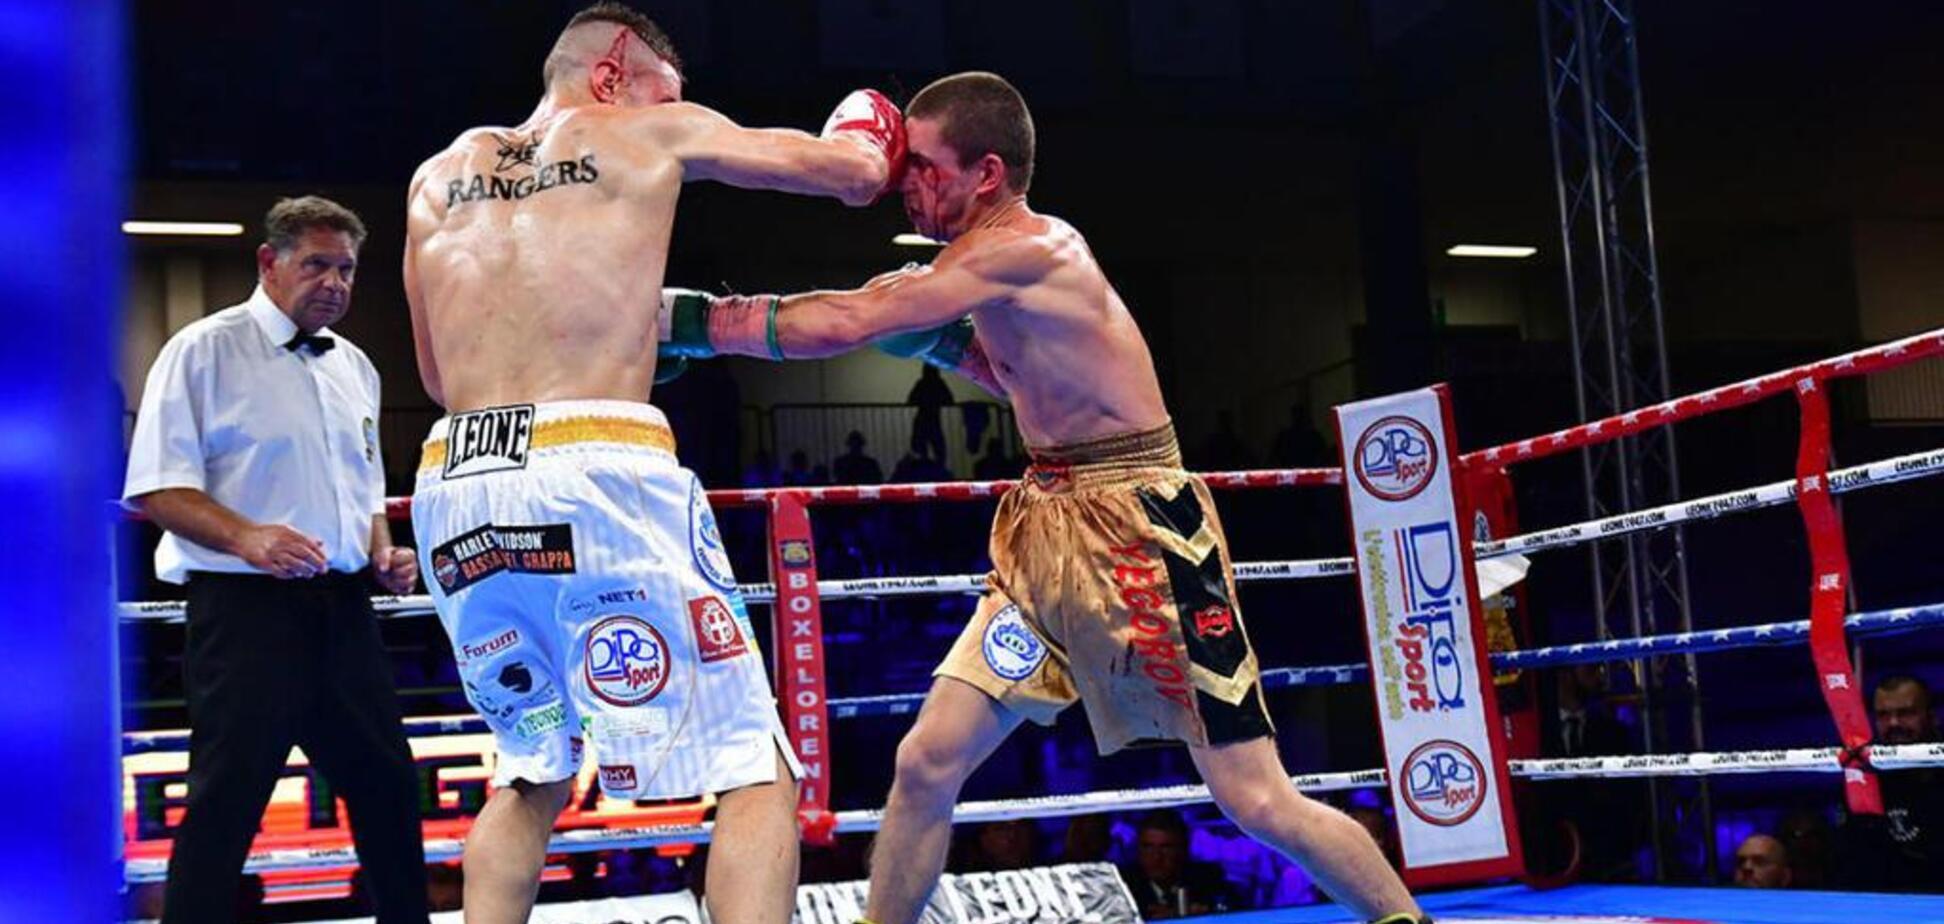 Известный украинский боксер проиграл кровавый бой за чемпионский титул